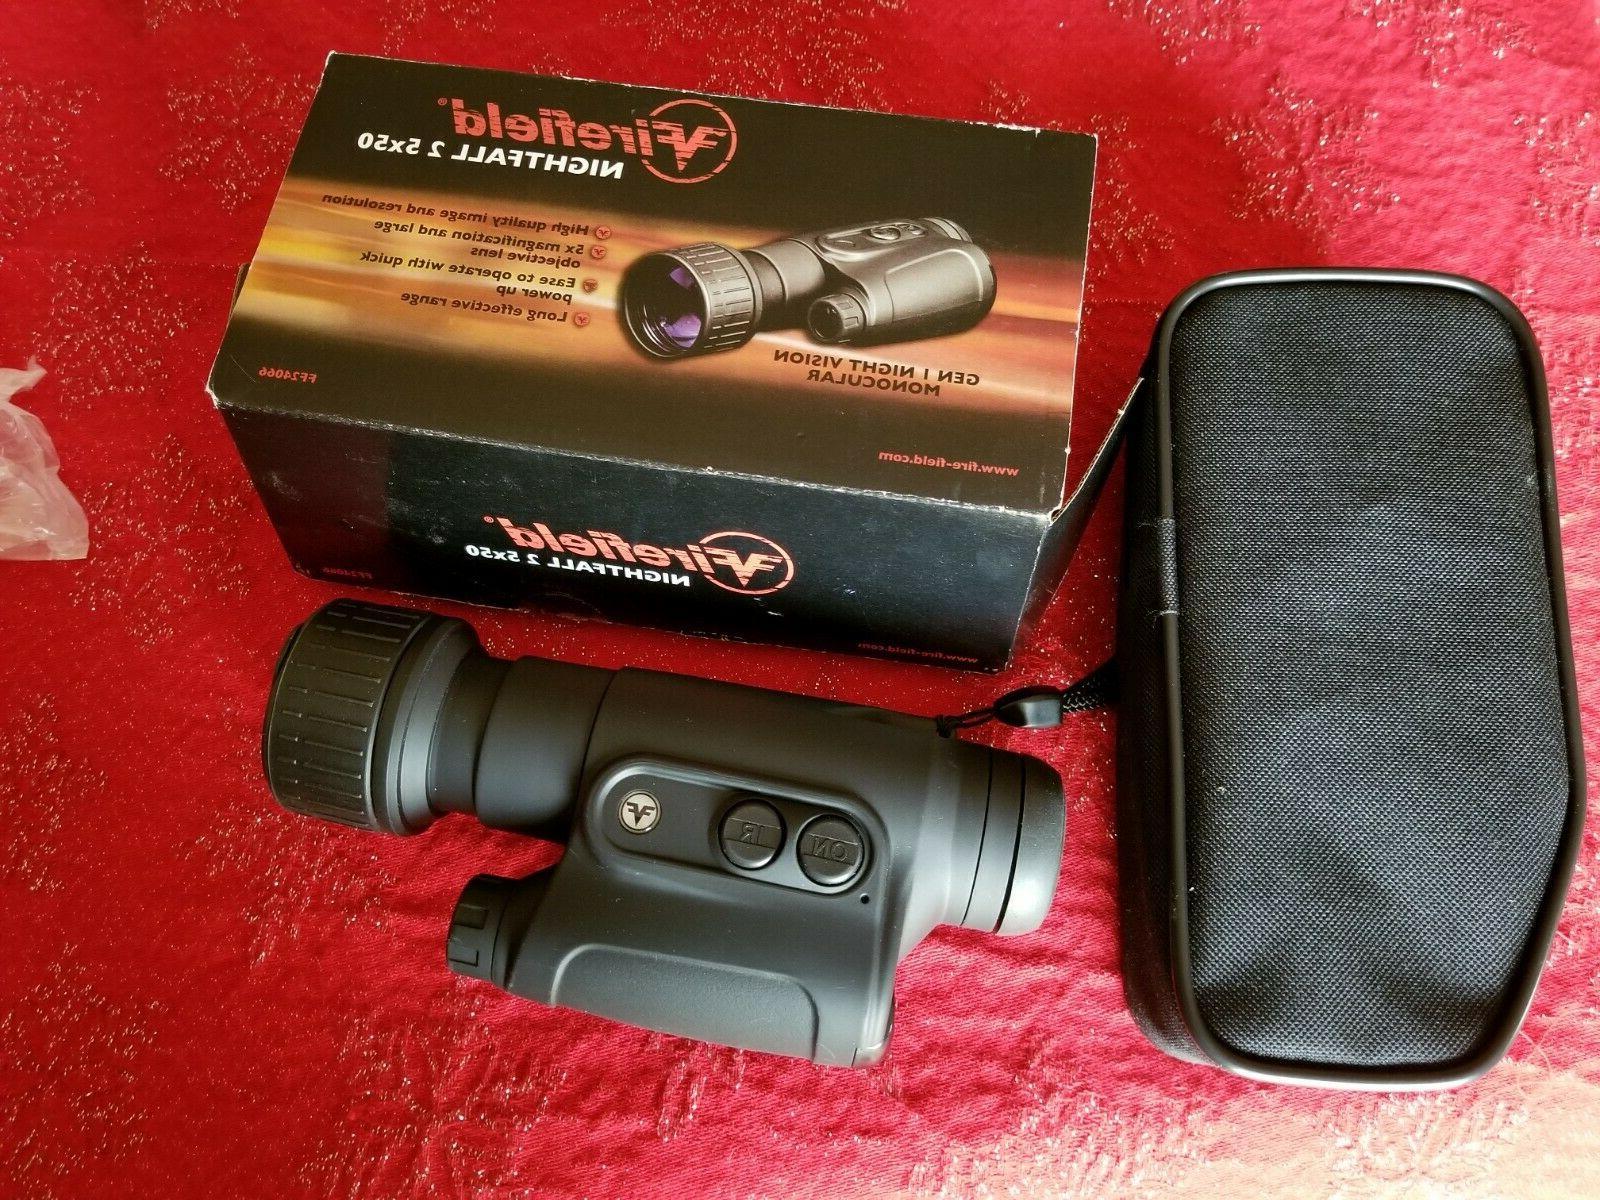 ff24066 night vision monocular nightfall 2 5x50